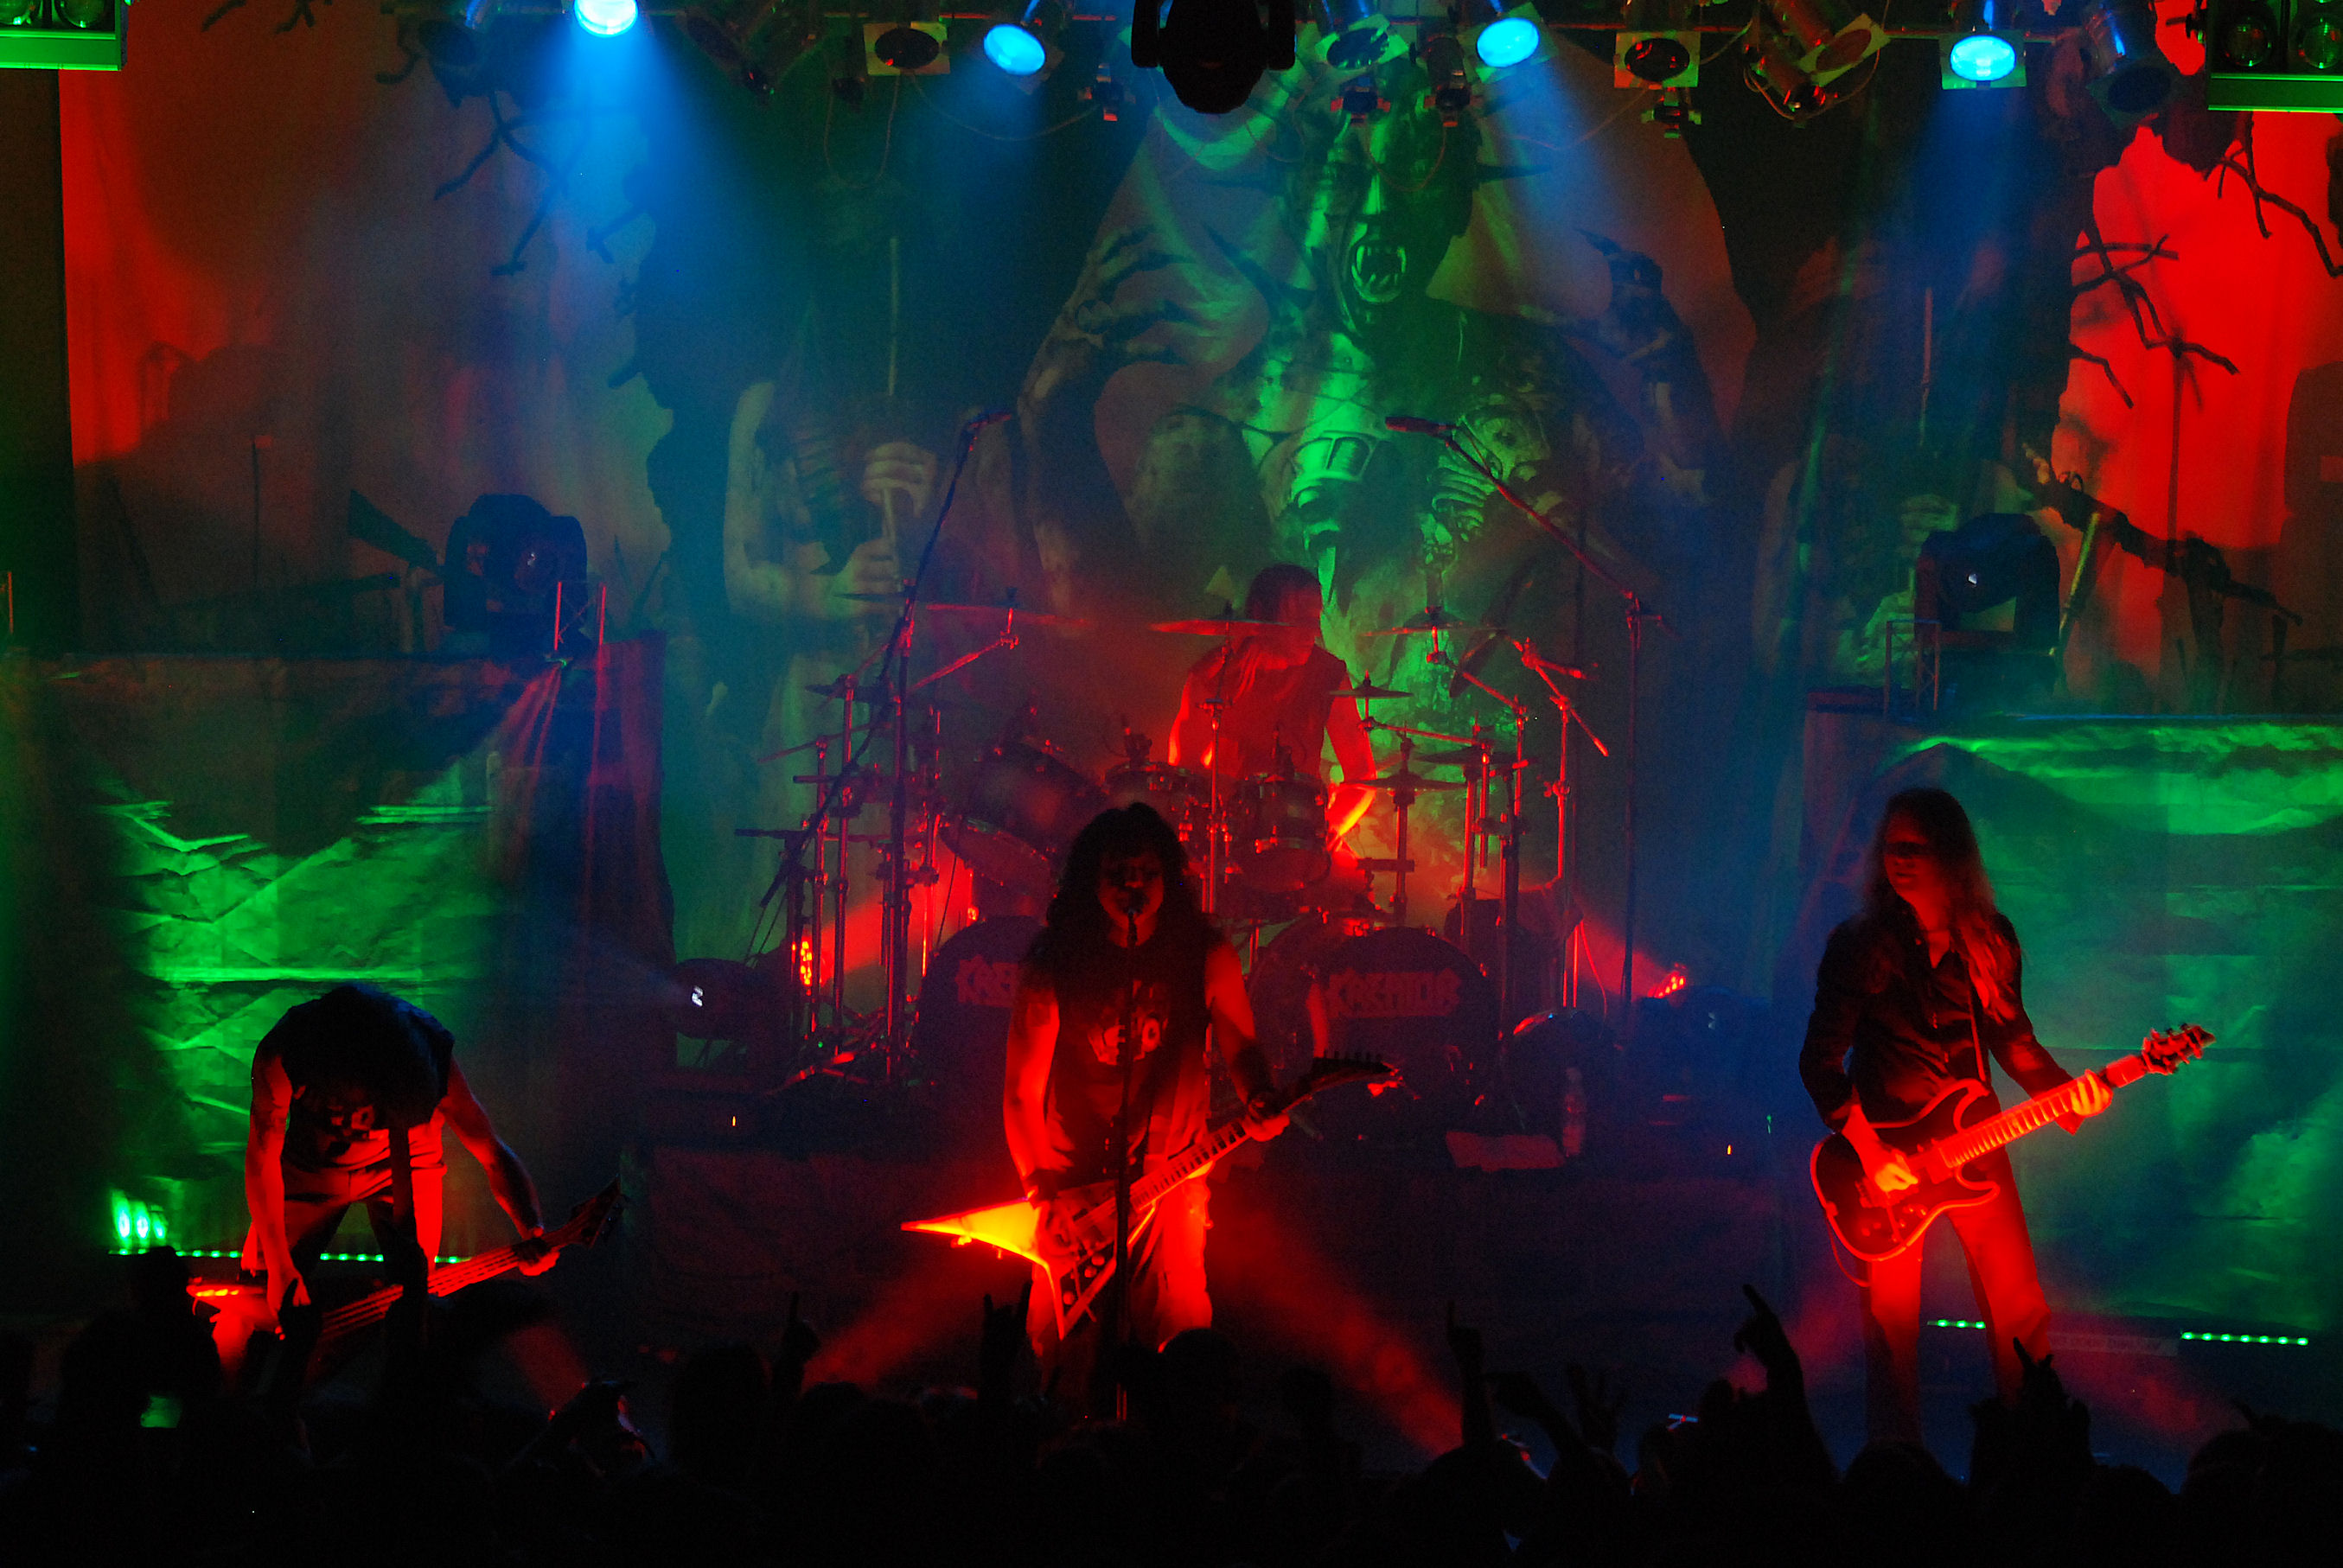 http://upload.wikimedia.org/wikipedia/commons/7/7a/Kreator_Klub_Studio_Krak%C3%B3w_18_02_09_031.jpg